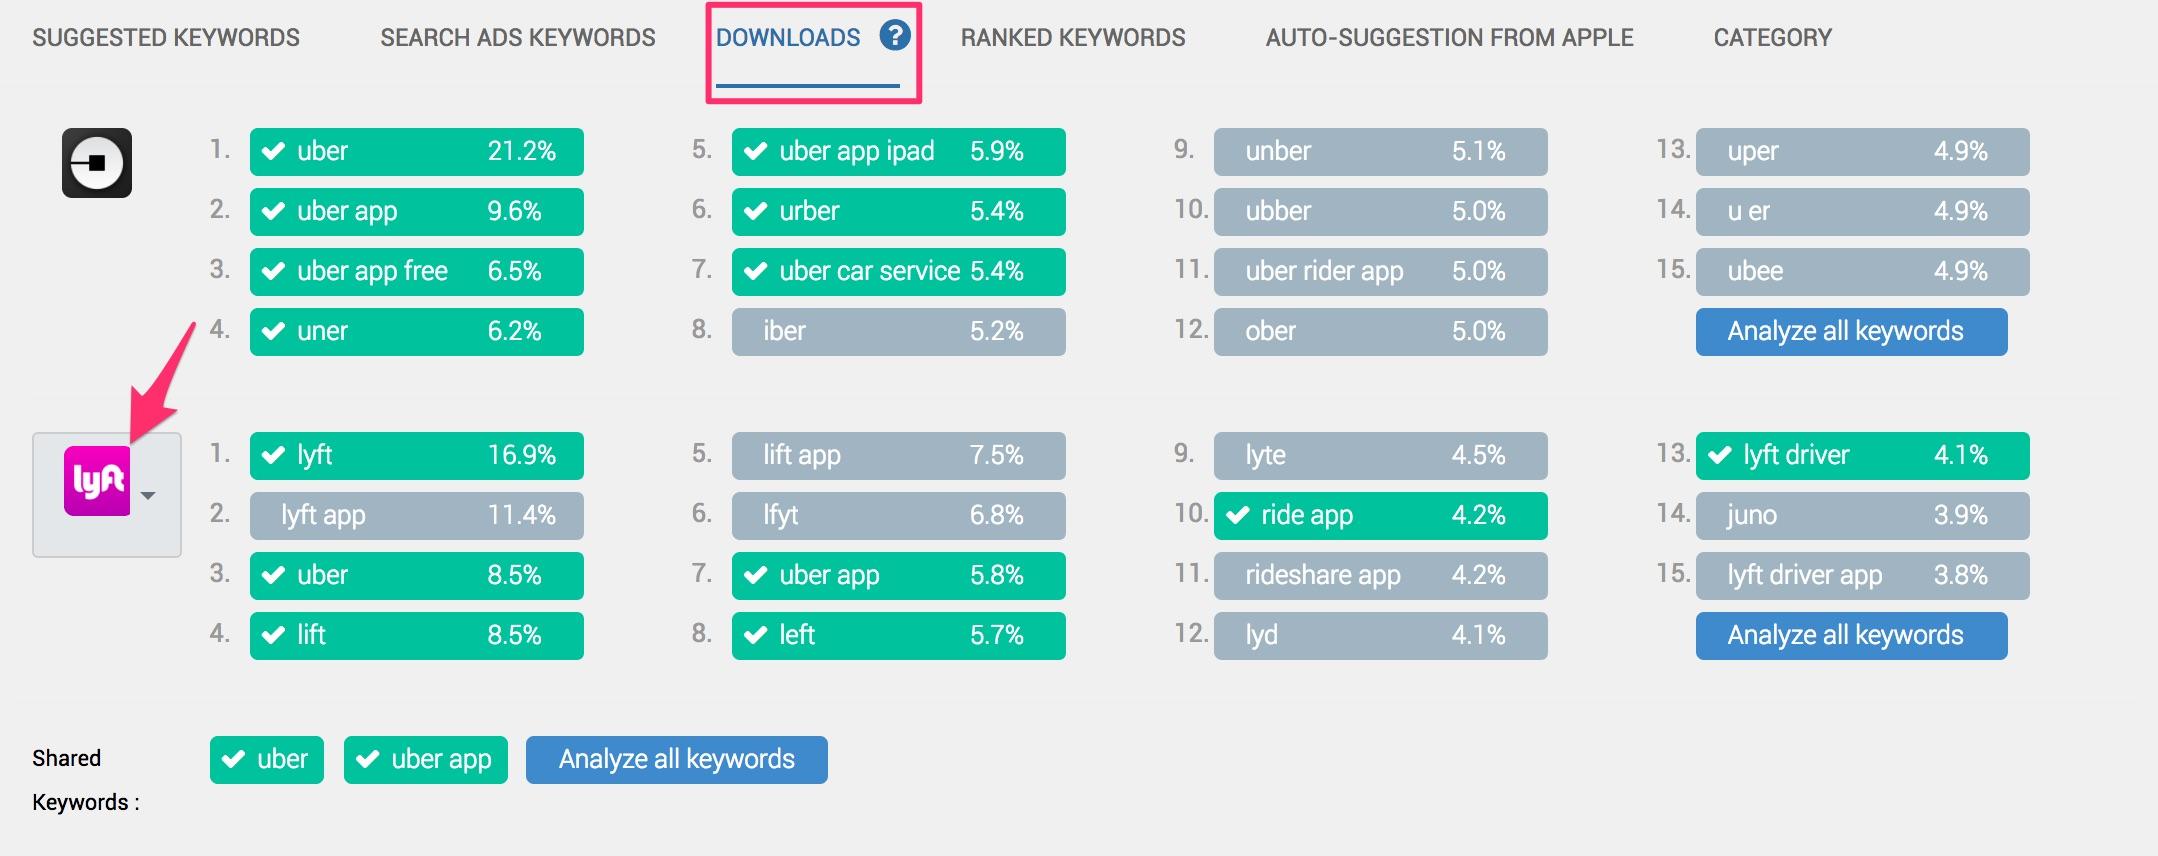 download-keywords1.jpg